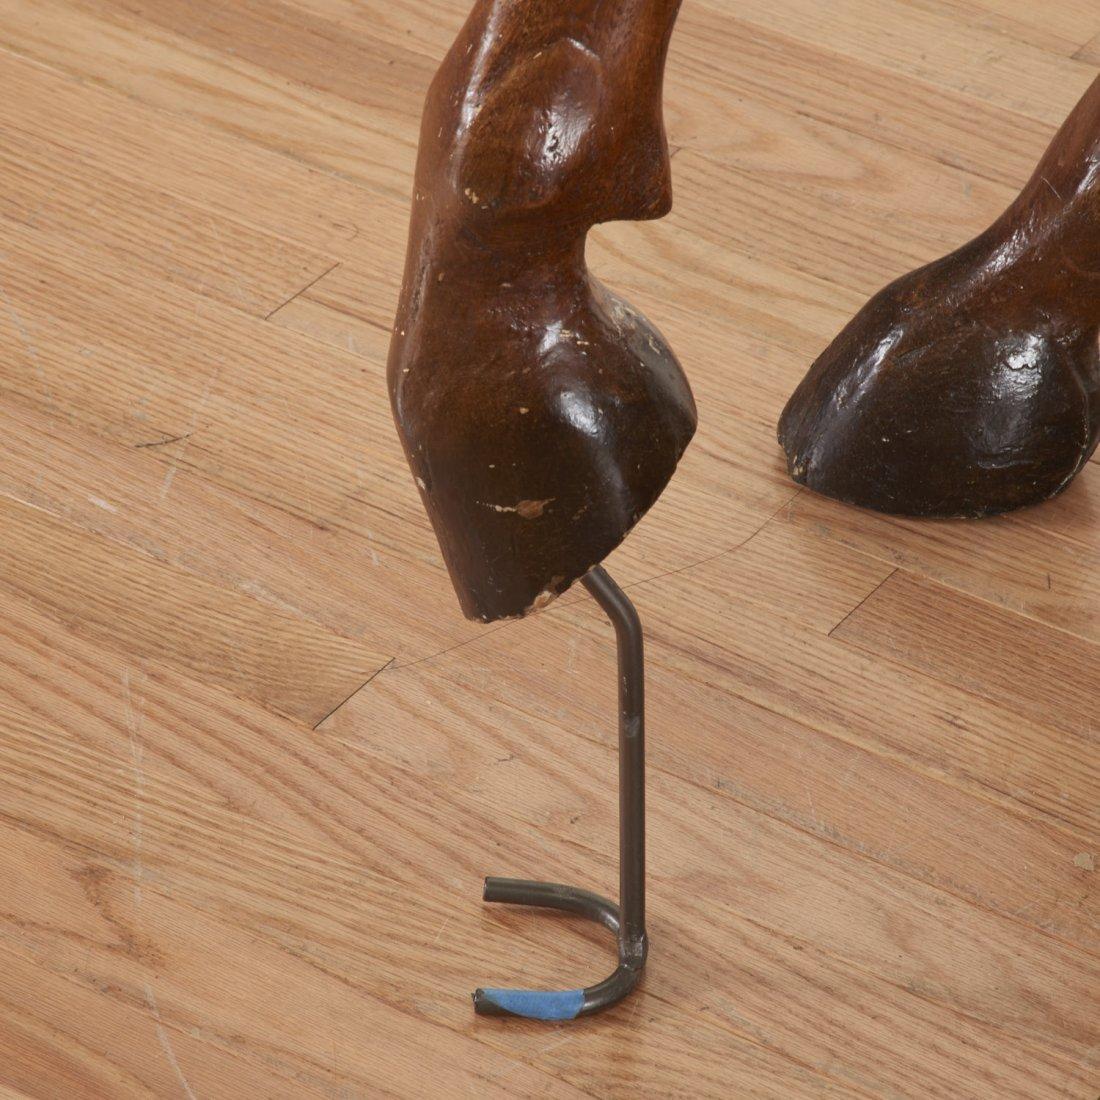 Antique tack shop/saddlery horse mannequin - 6